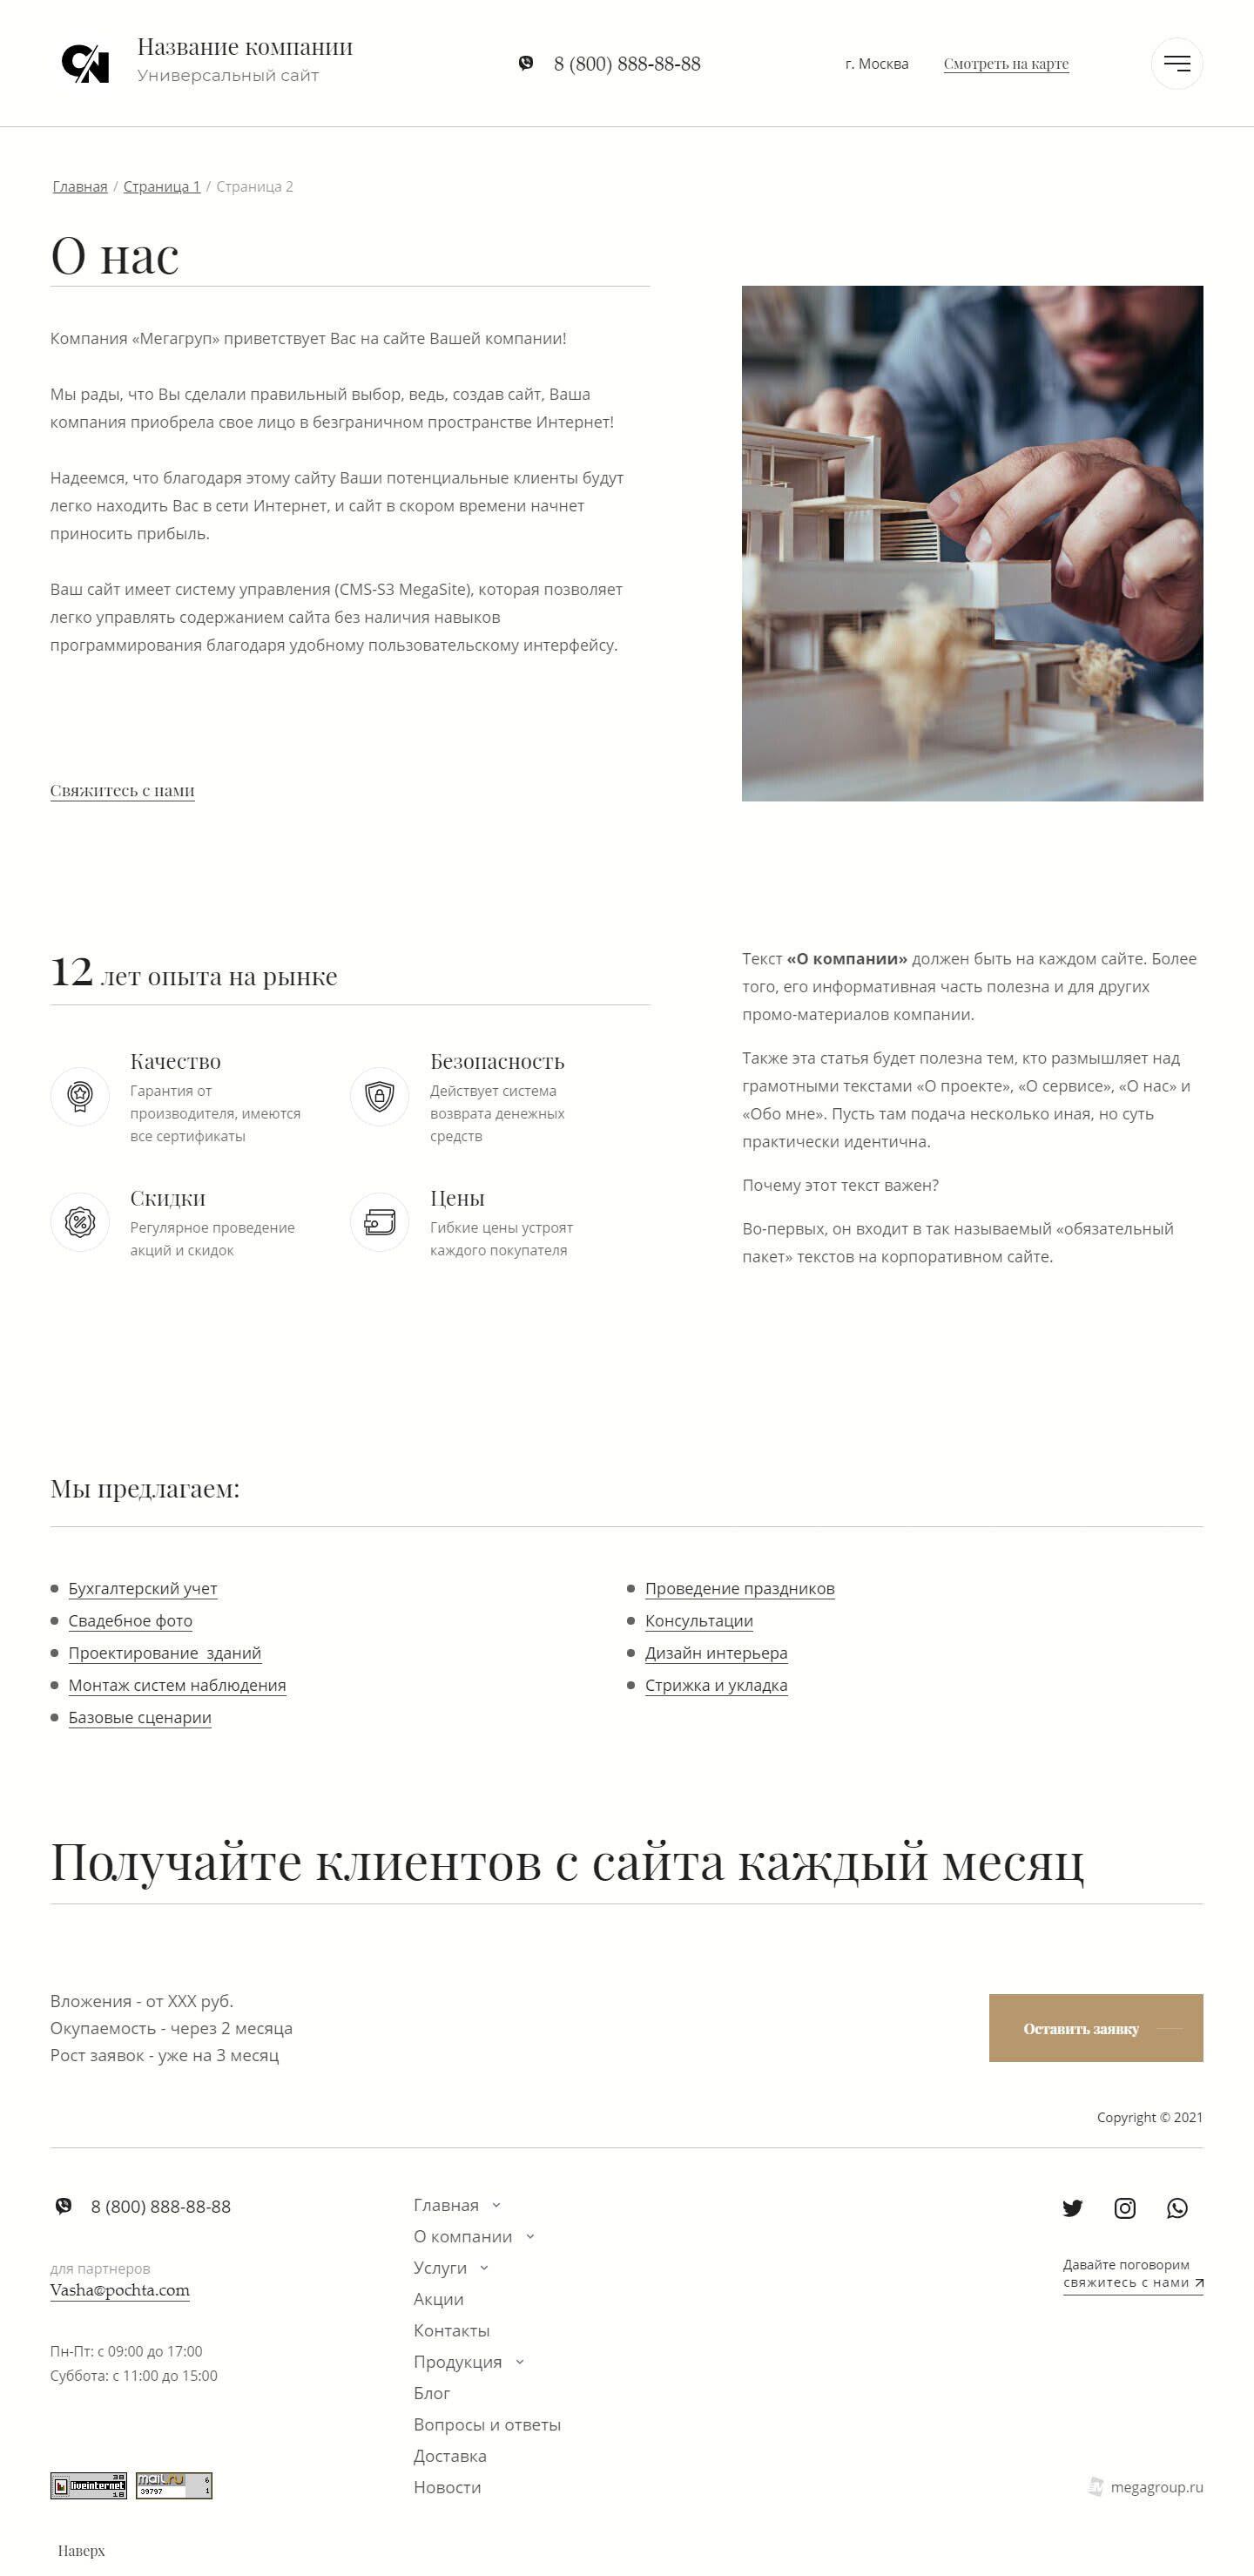 Готовый Сайт-Бизнес #2990750 - Универсальный дизайн (О компании)